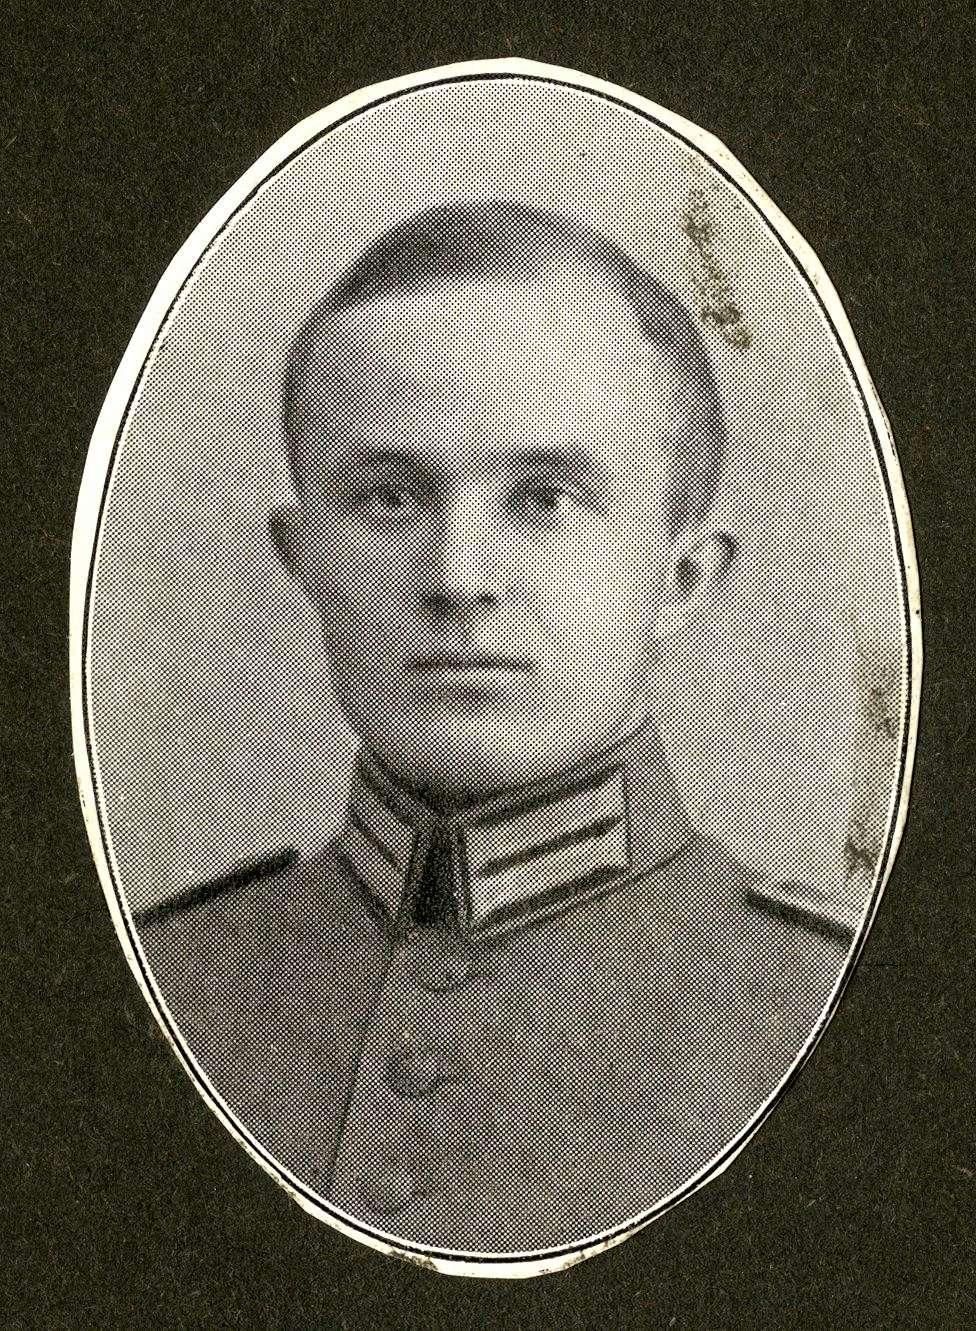 Reimann, Bild 1